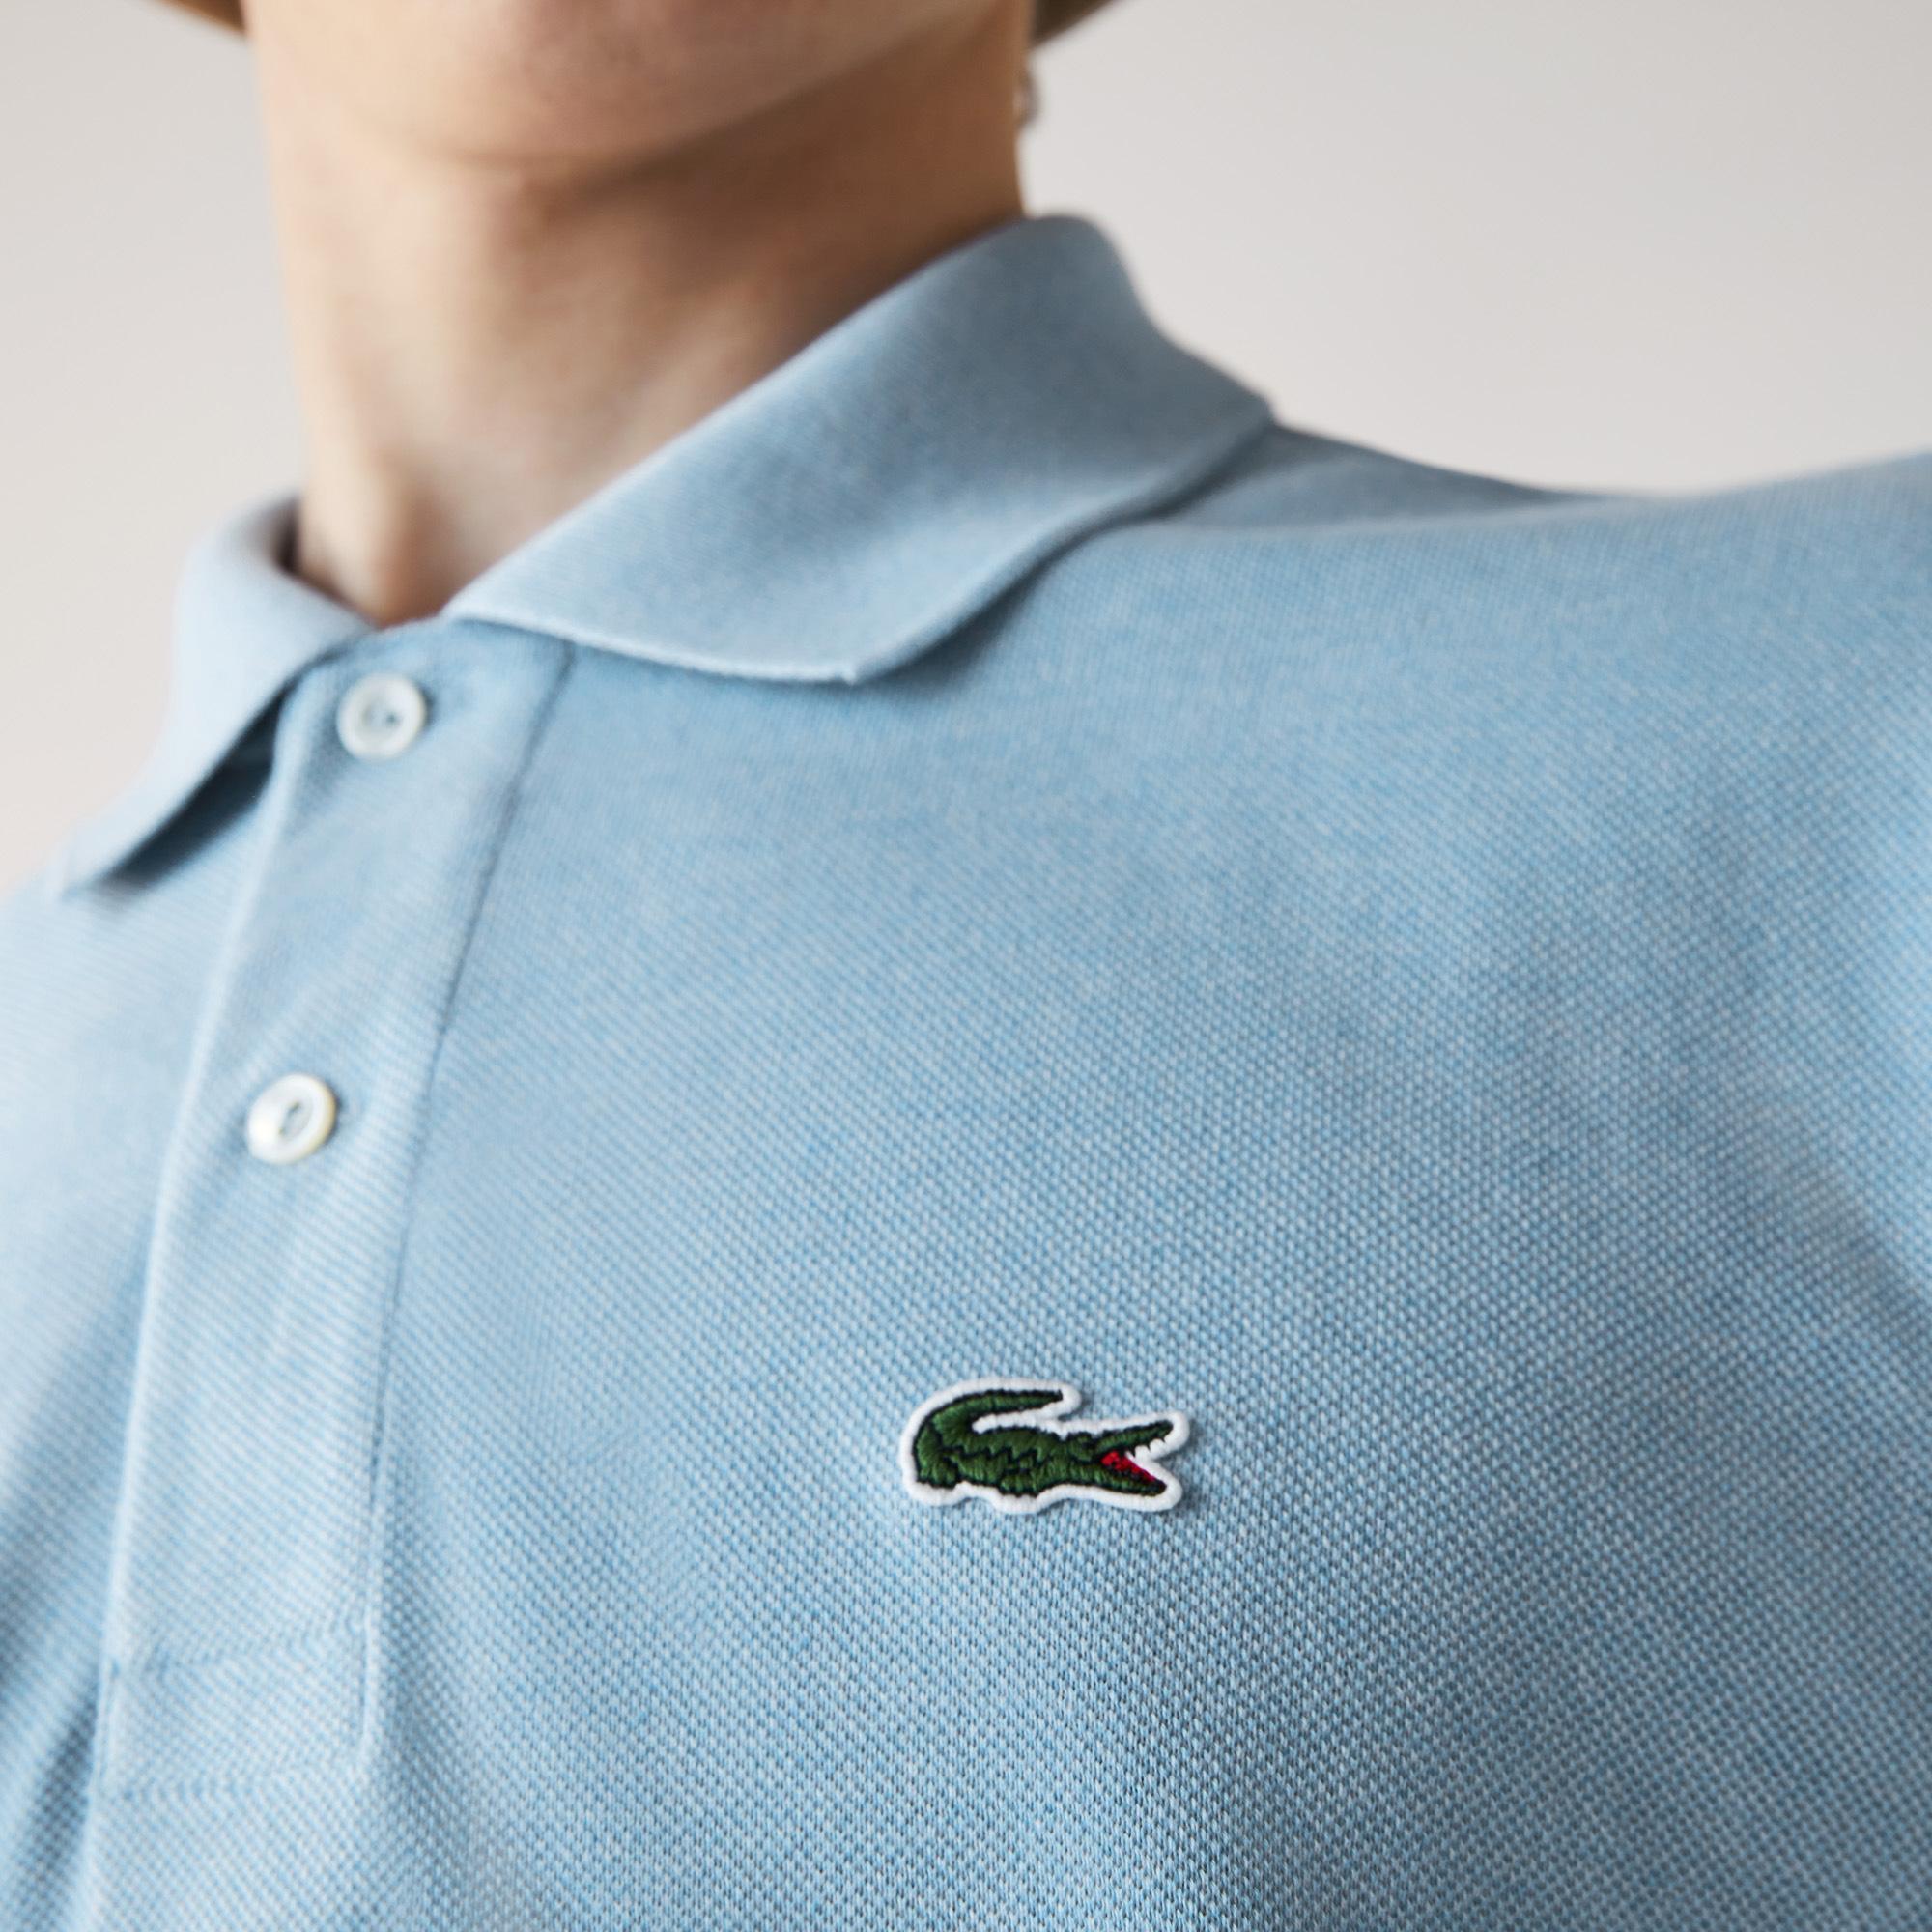 Lacoste Erkek Klasik Fit Açık Mavi Polo